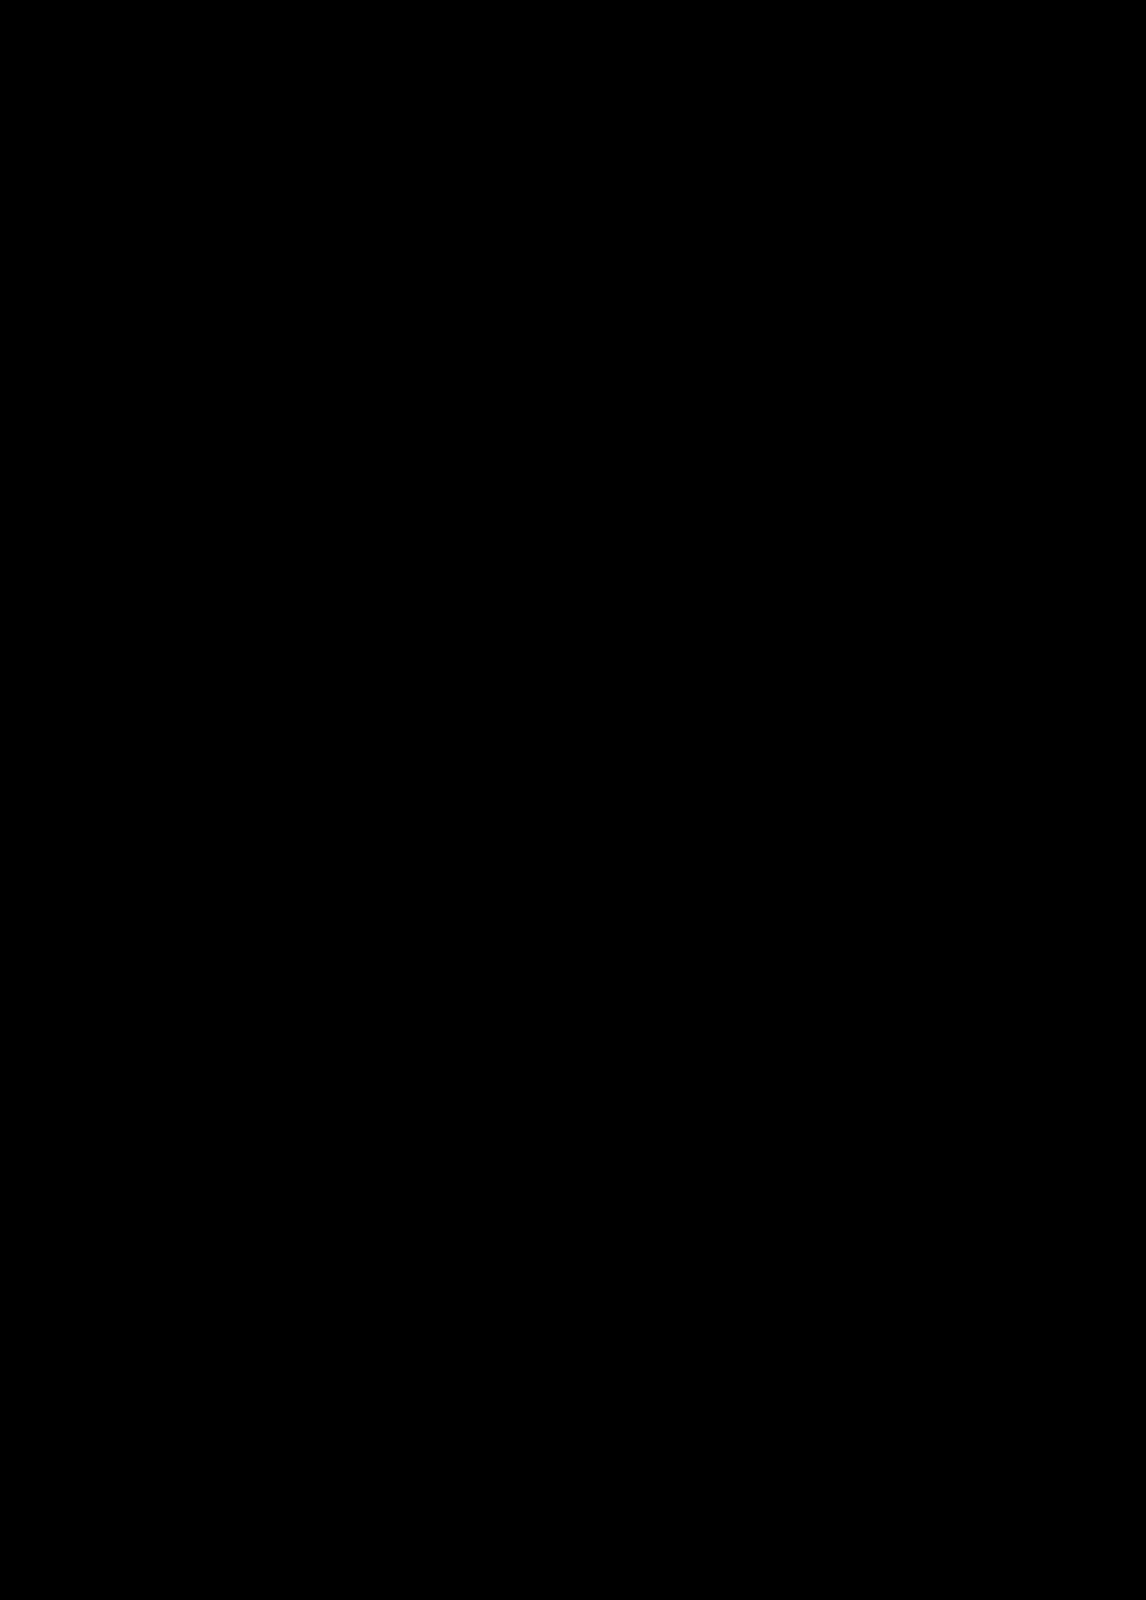 Les eaux de Mars – Dessin 42x30cm 2017